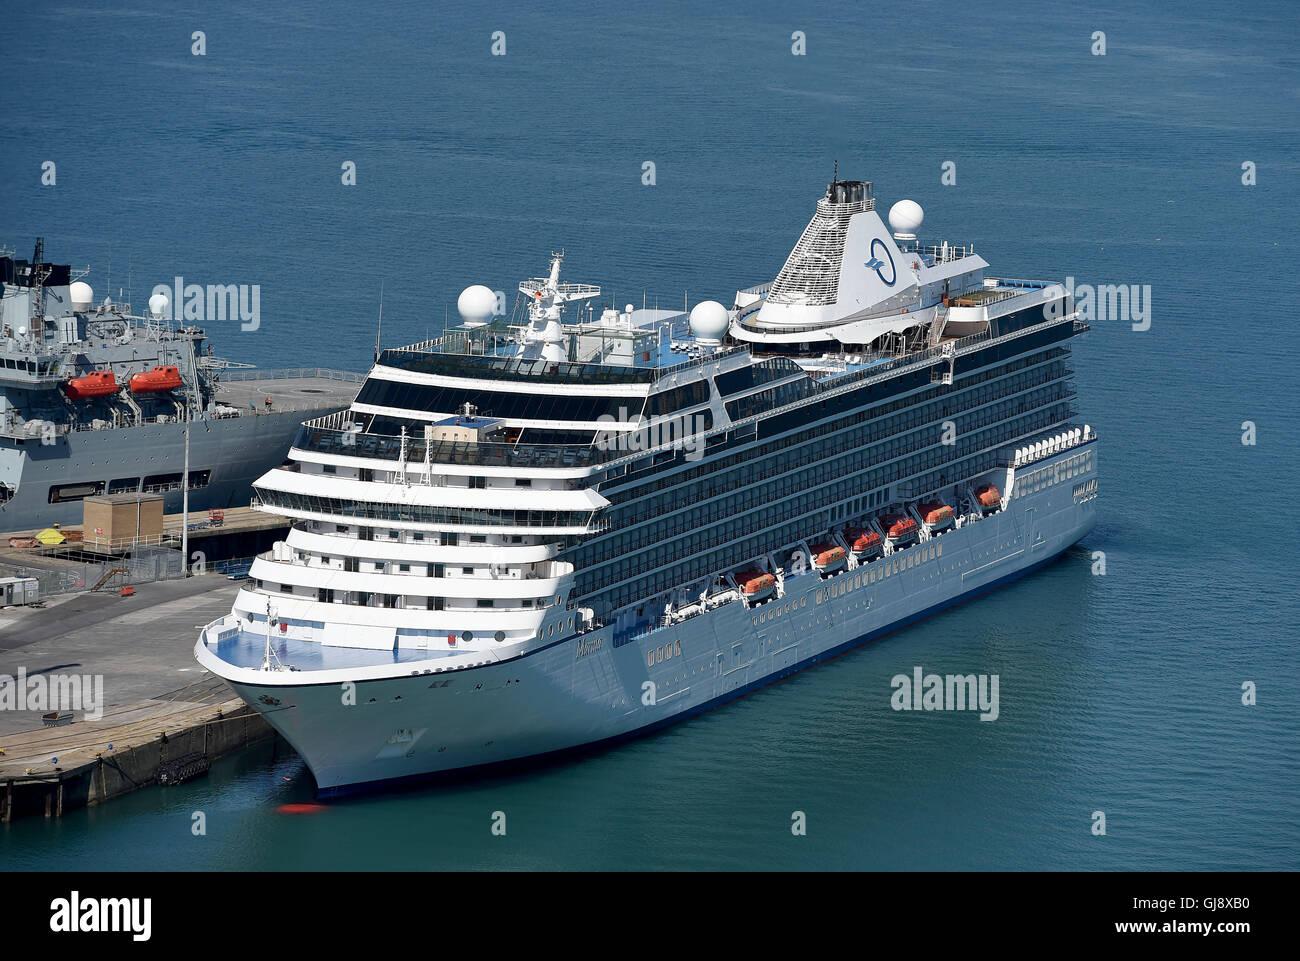 Oceania Cruise Ship Ms Marina Stockfotos & Oceania Cruise Ship Ms ...